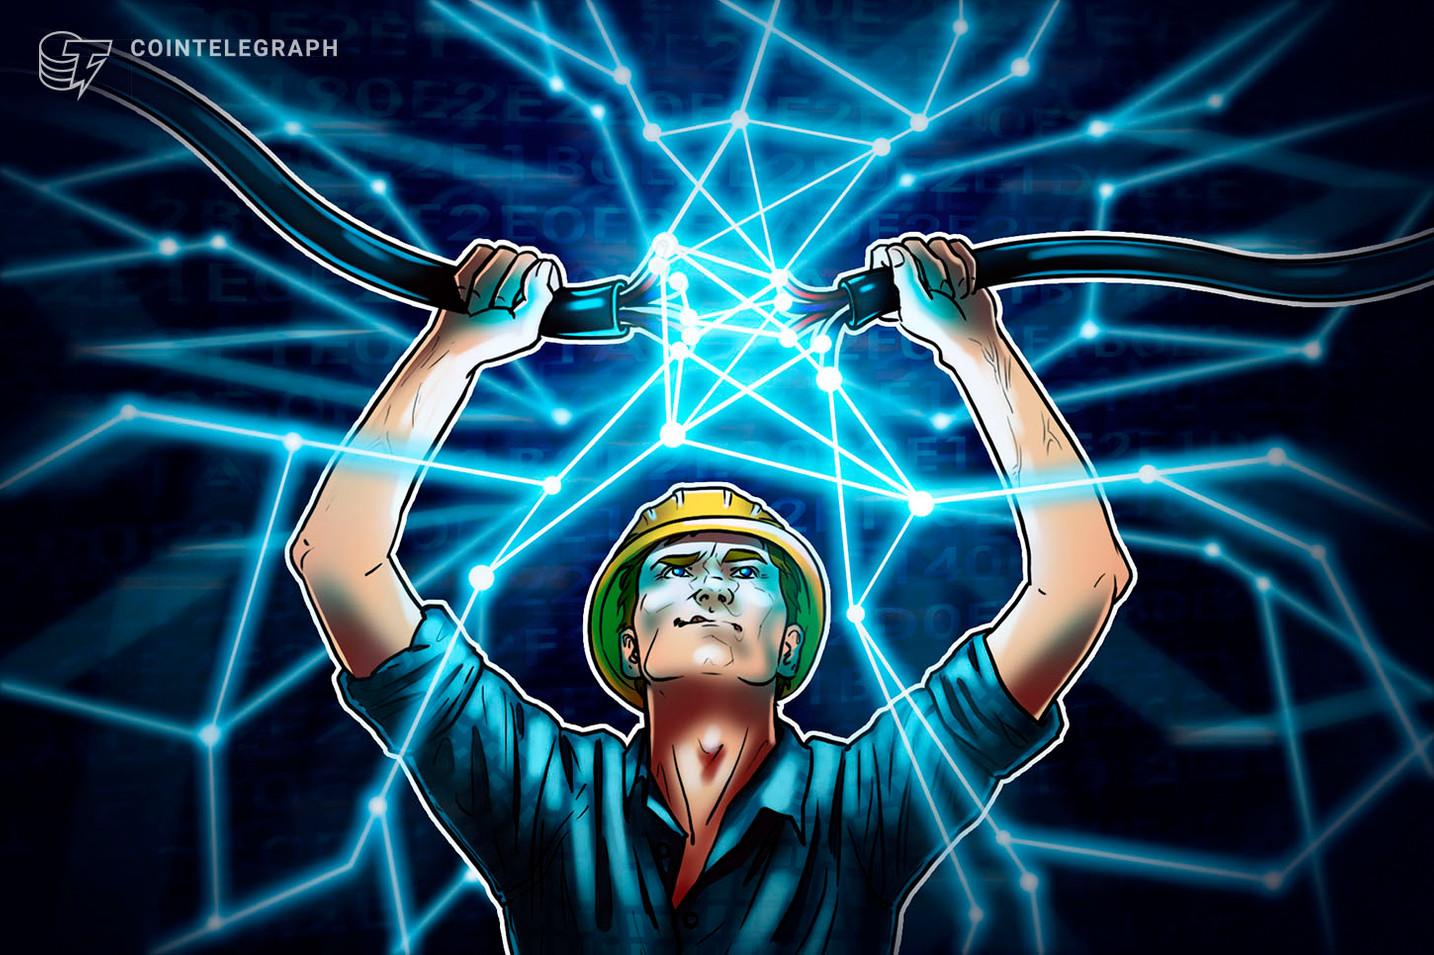 در چه مرحله ای مصرف انرژی سبز رمزنگاری کافی خواهد بود؟